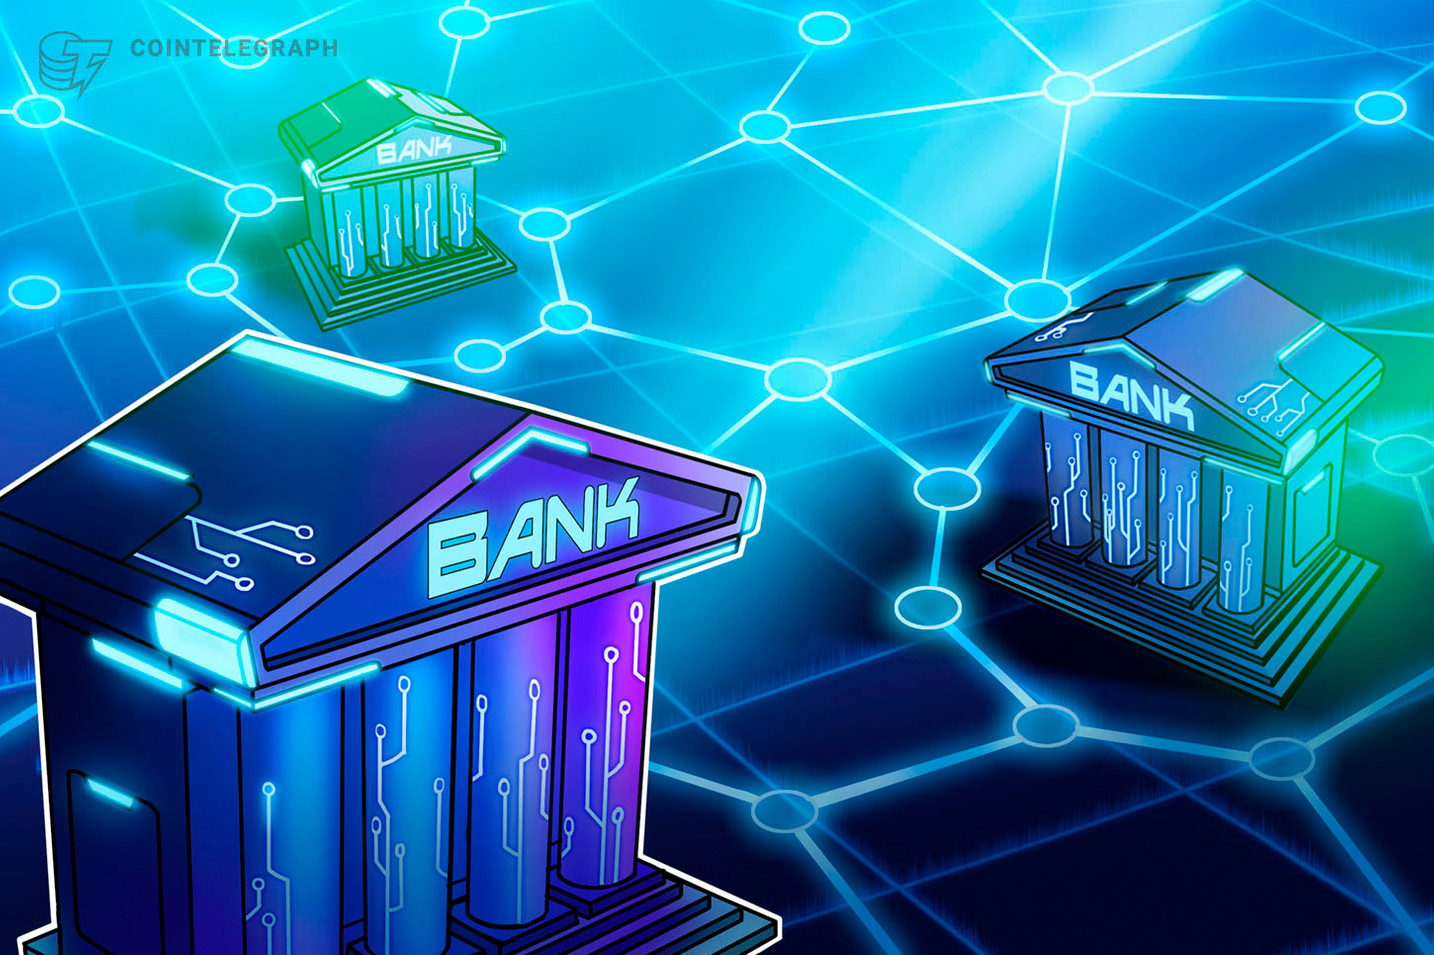 27カ国50銀行がR3のブロックチェーン信用状取引の試験を実施